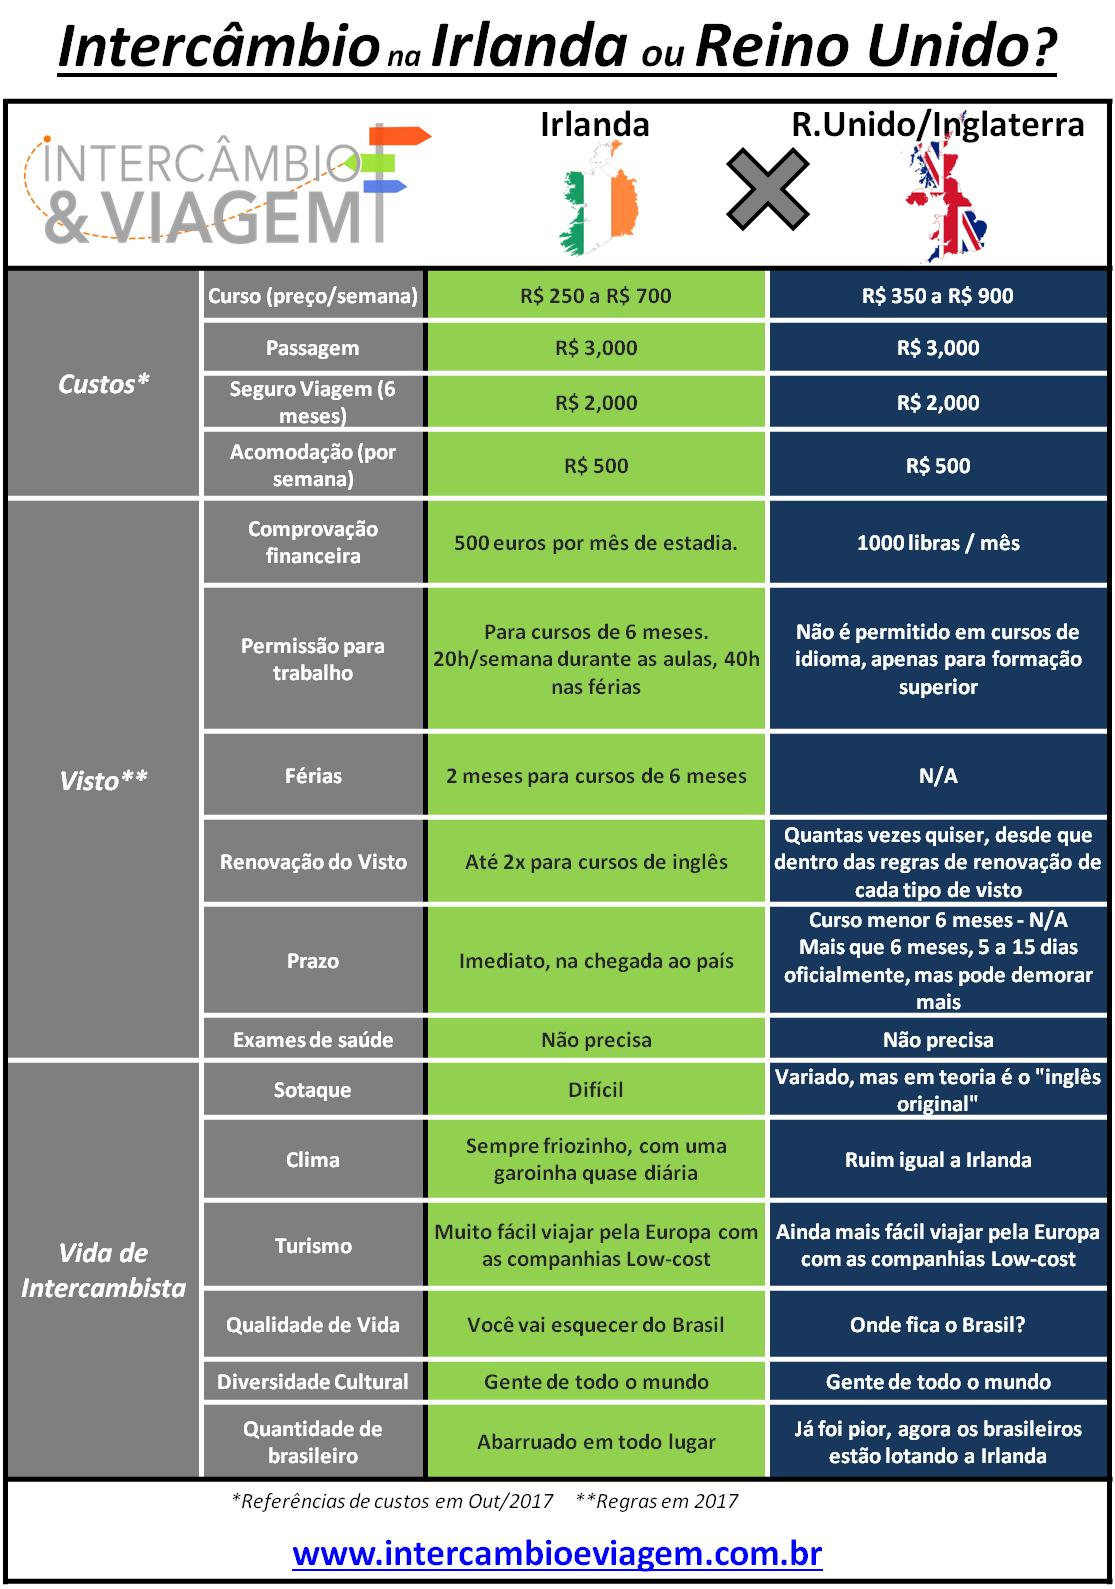 Intercâmbio na Irlanda ou Inglaterra (Reino Unido) - Tabela comparativa2